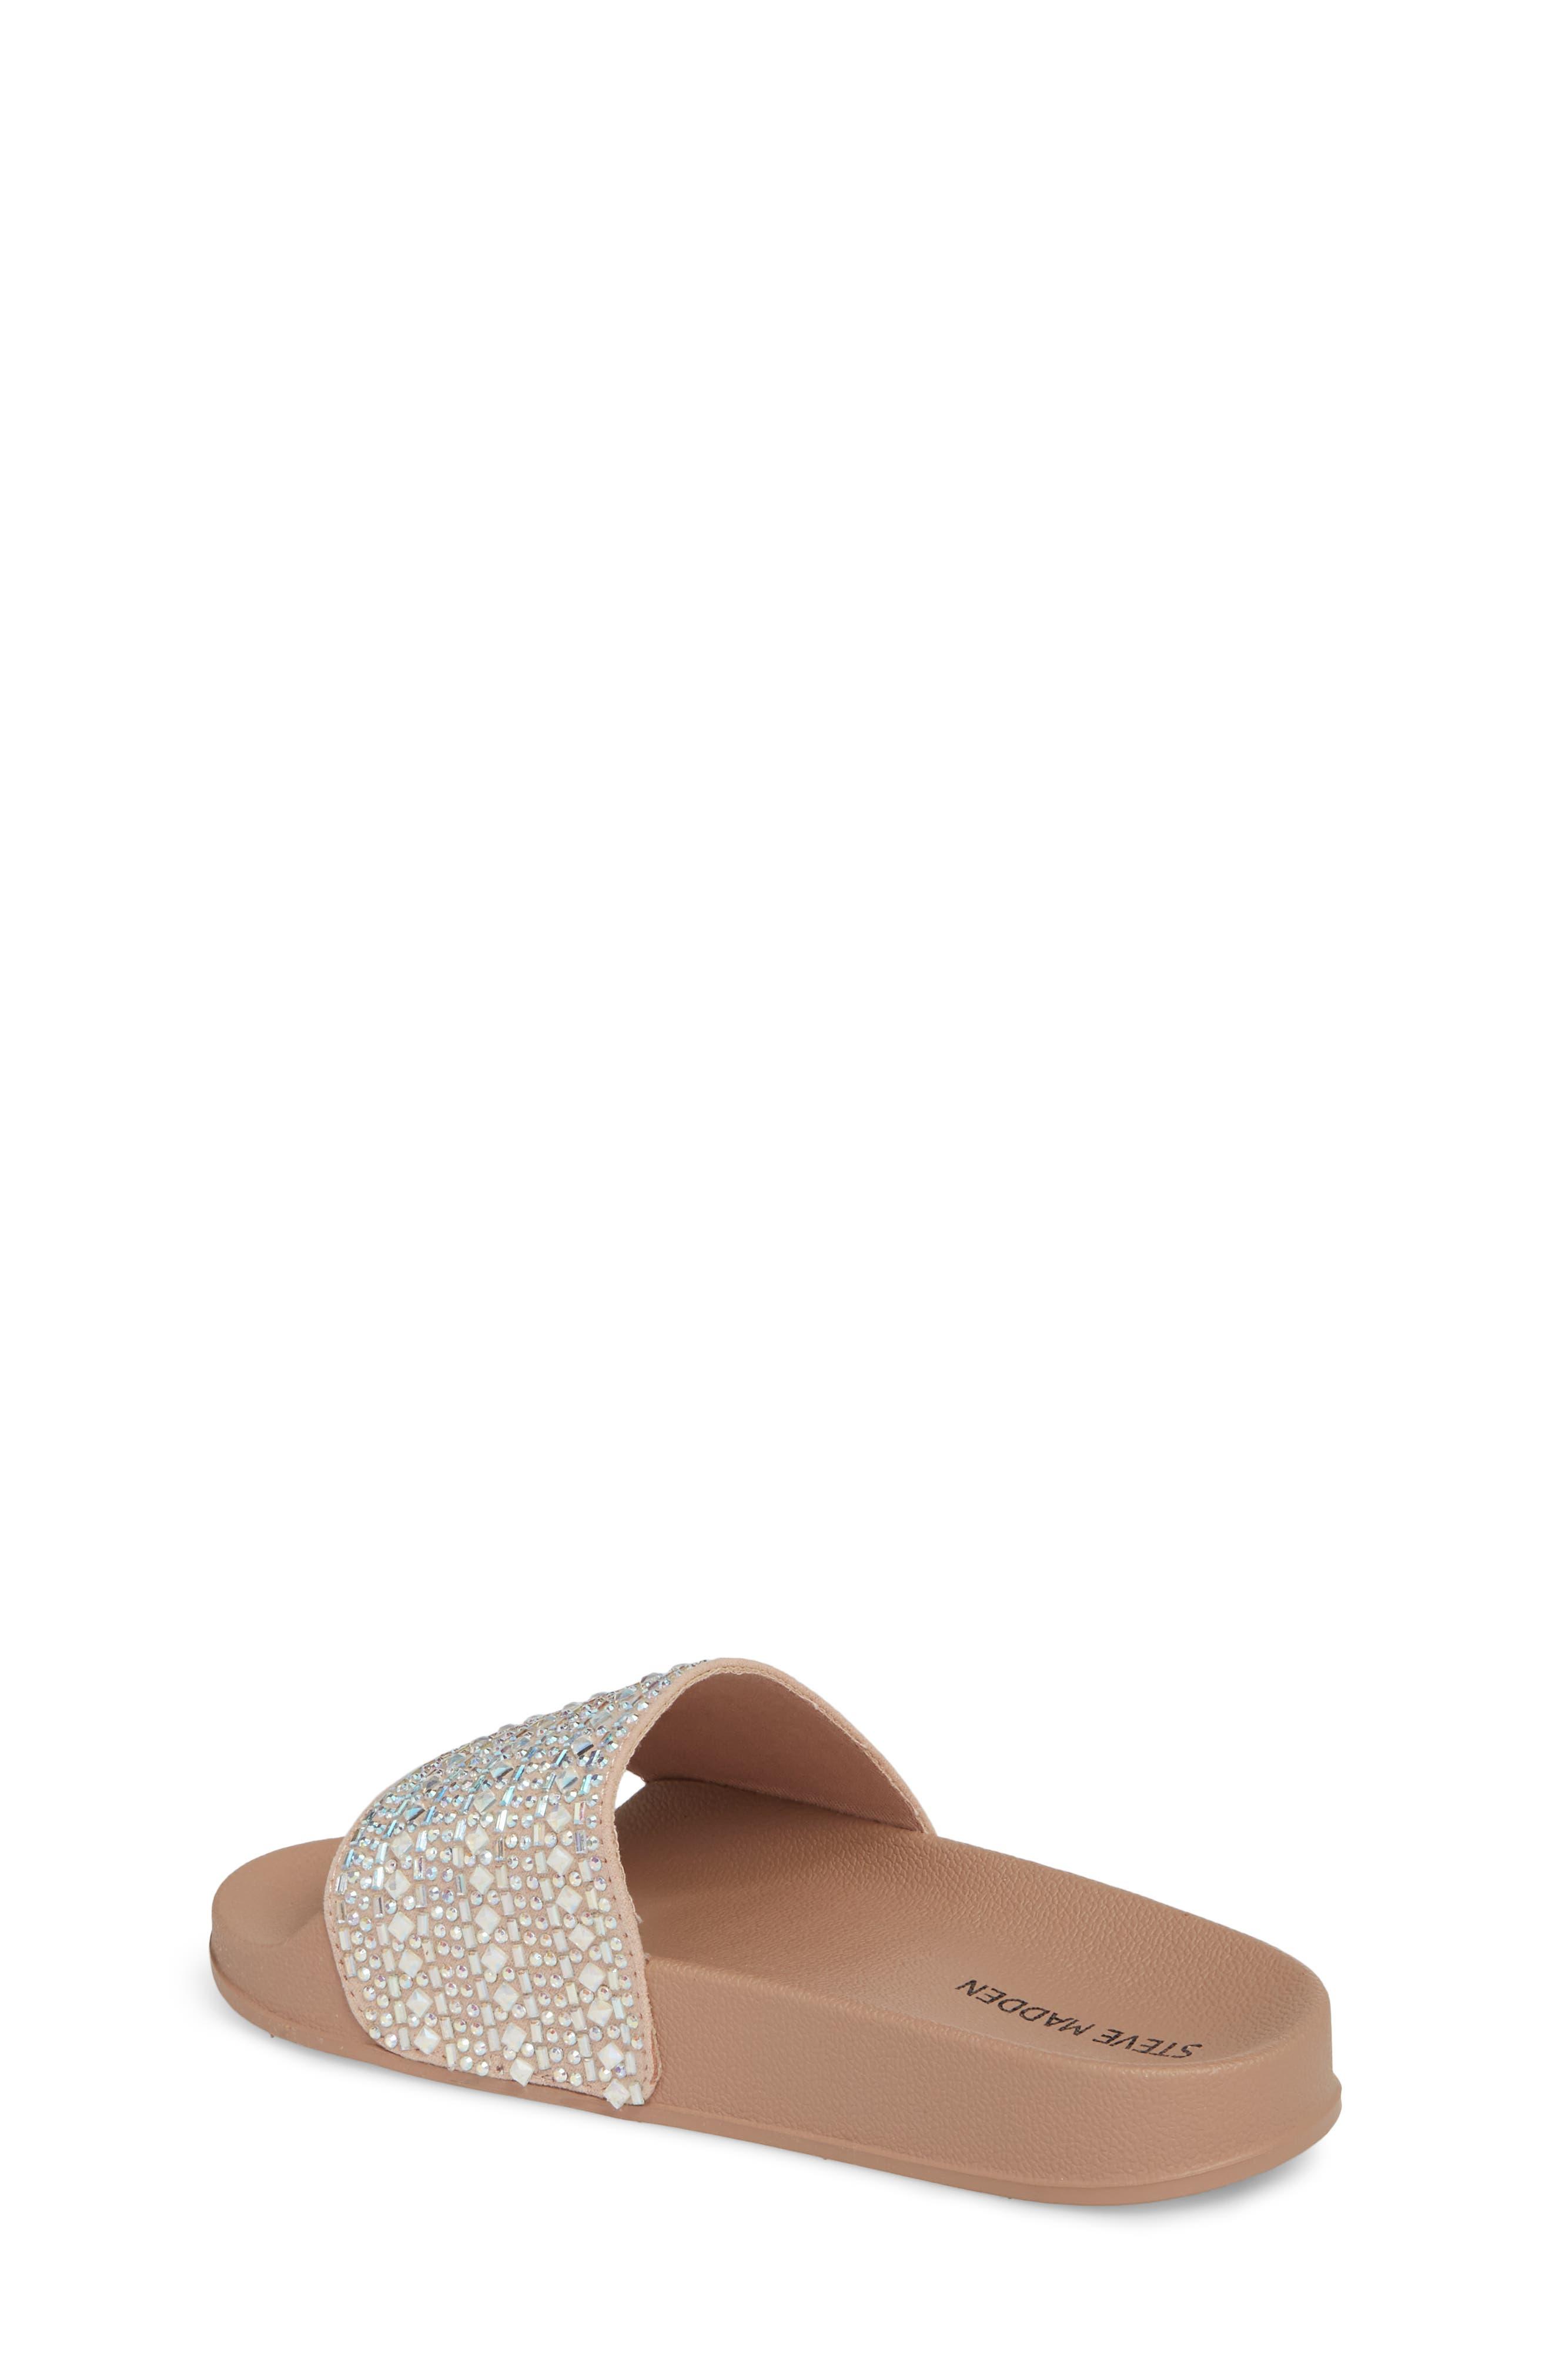 JDAZZLE Crystal Embellished Slide Sandal,                             Alternate thumbnail 2, color,                             675